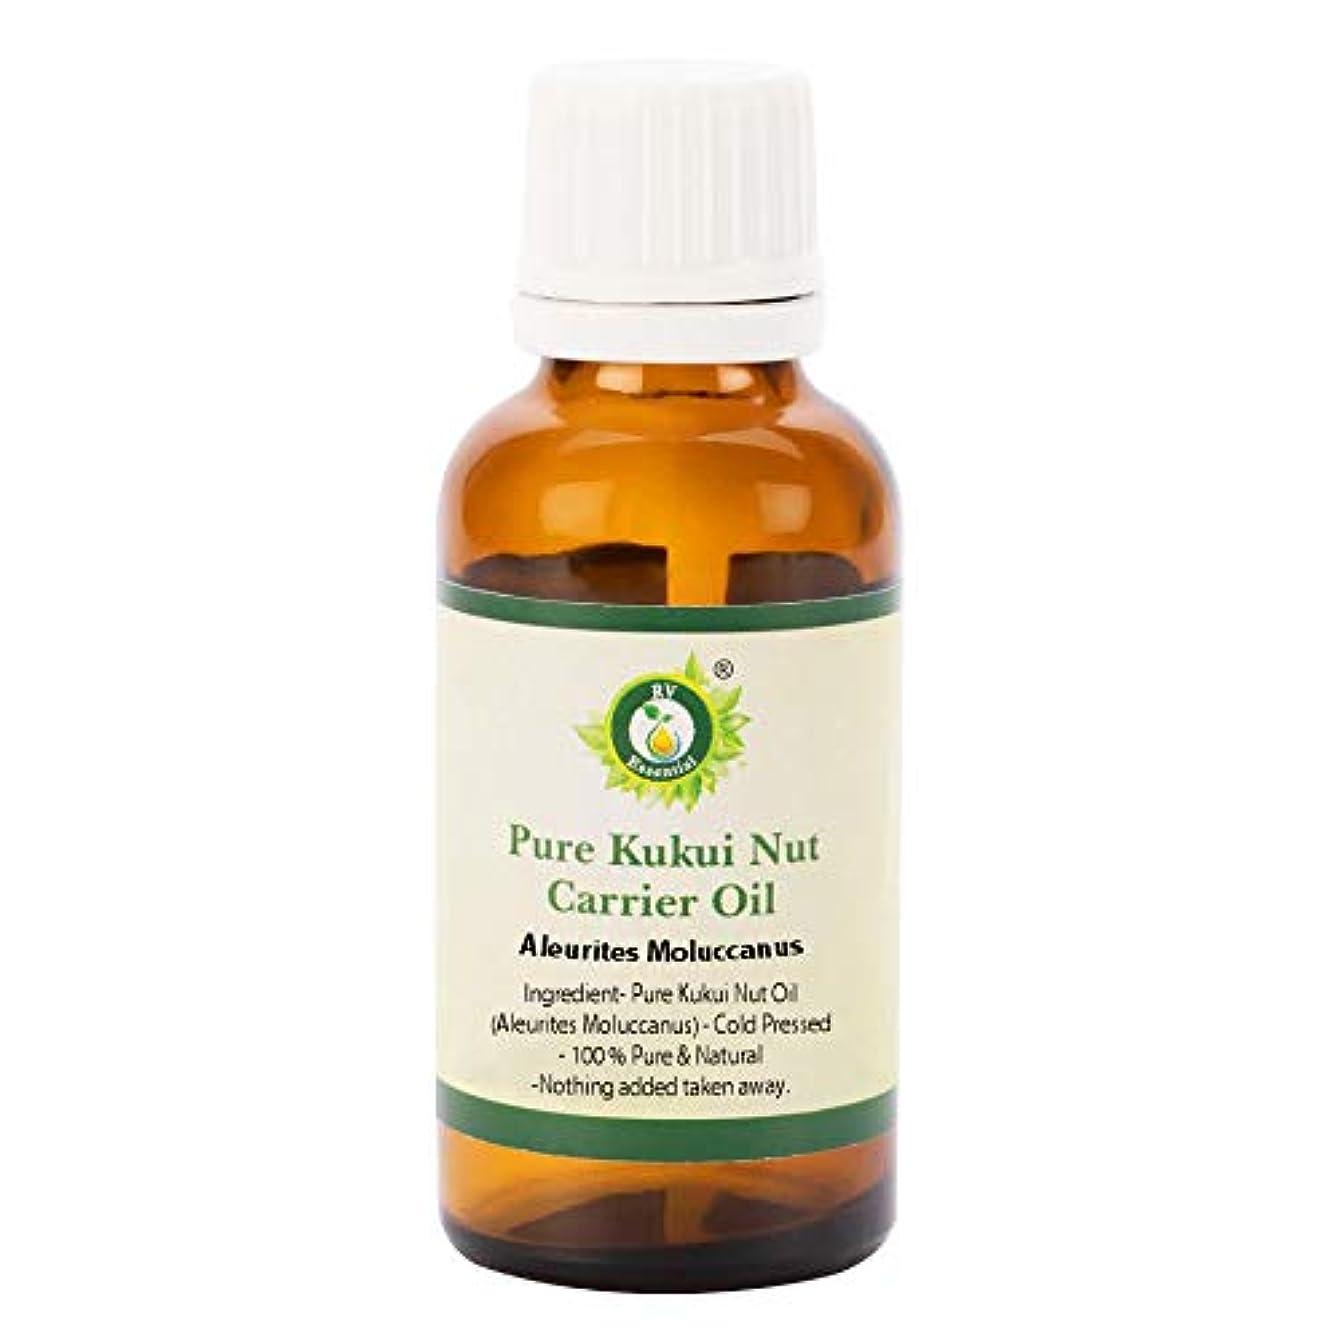 ショットおそらくメナジェリーピュアククイナッツオイルキャリア5ml (0.169oz)- Aleurites Moluccanus (100%ピュア&ナチュラルコールドPressed) Pure Kukui Nut Carrier Oil